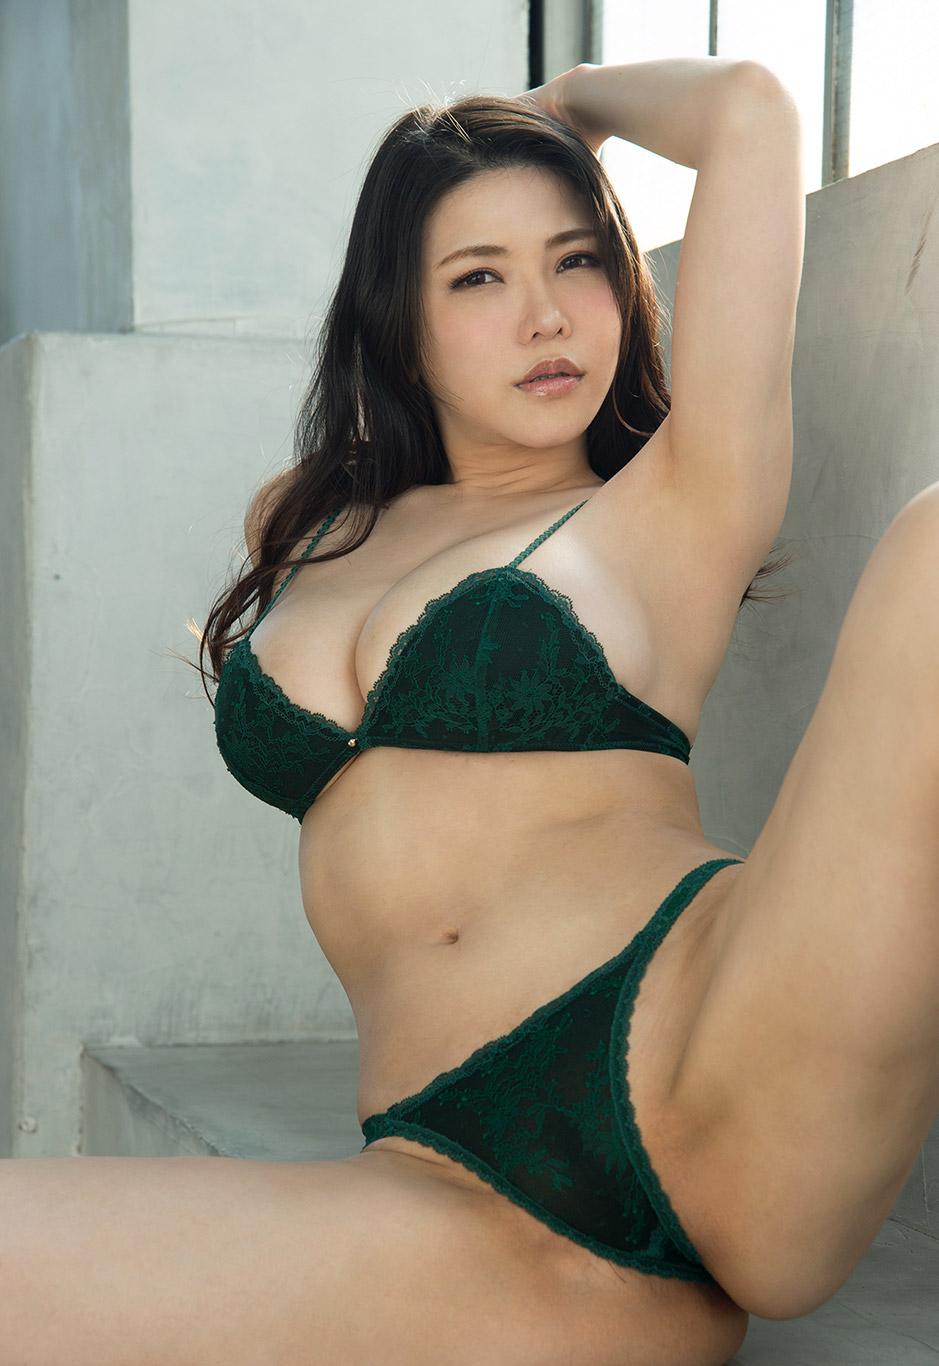 Sarah japanese av model